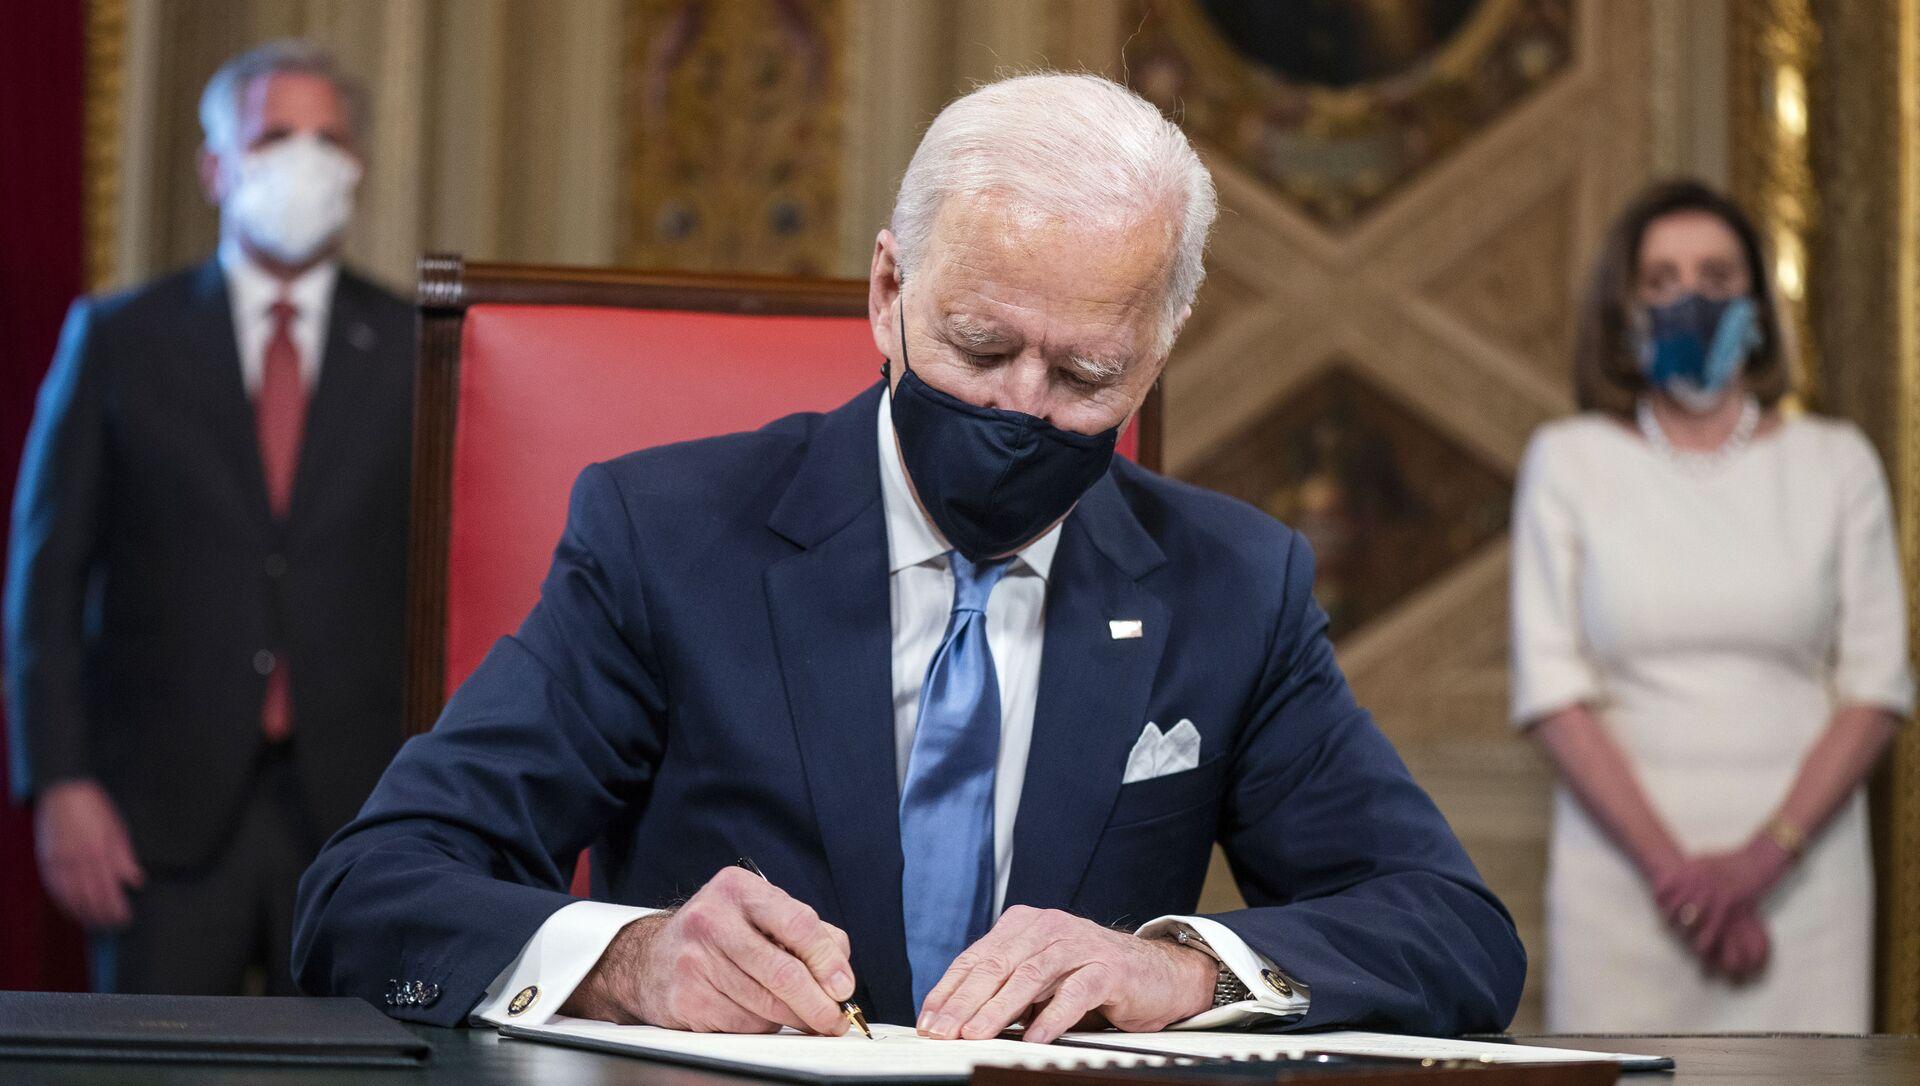 Џо Бајден потписује прве документе као председник - Sputnik Србија, 1920, 02.03.2021